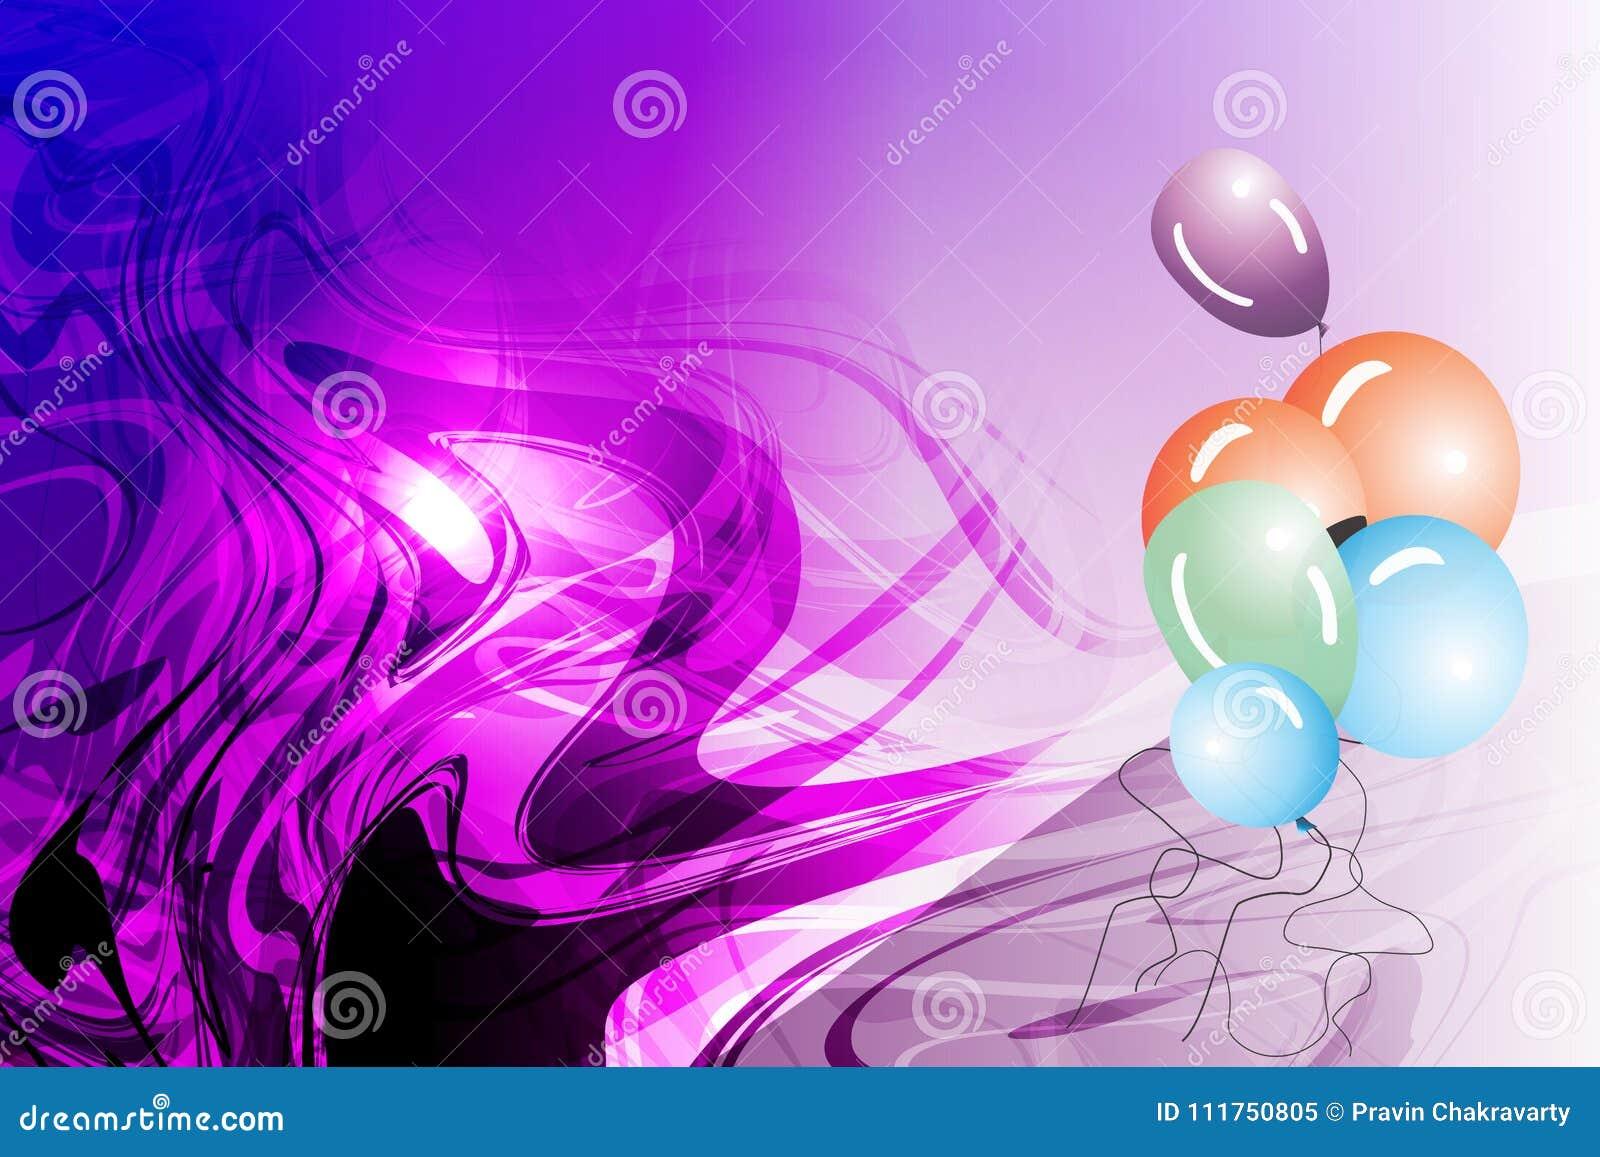 导航有发烟性光线影响和紫罗兰被遮蔽的波浪背景的,传染媒介例证抽象气球